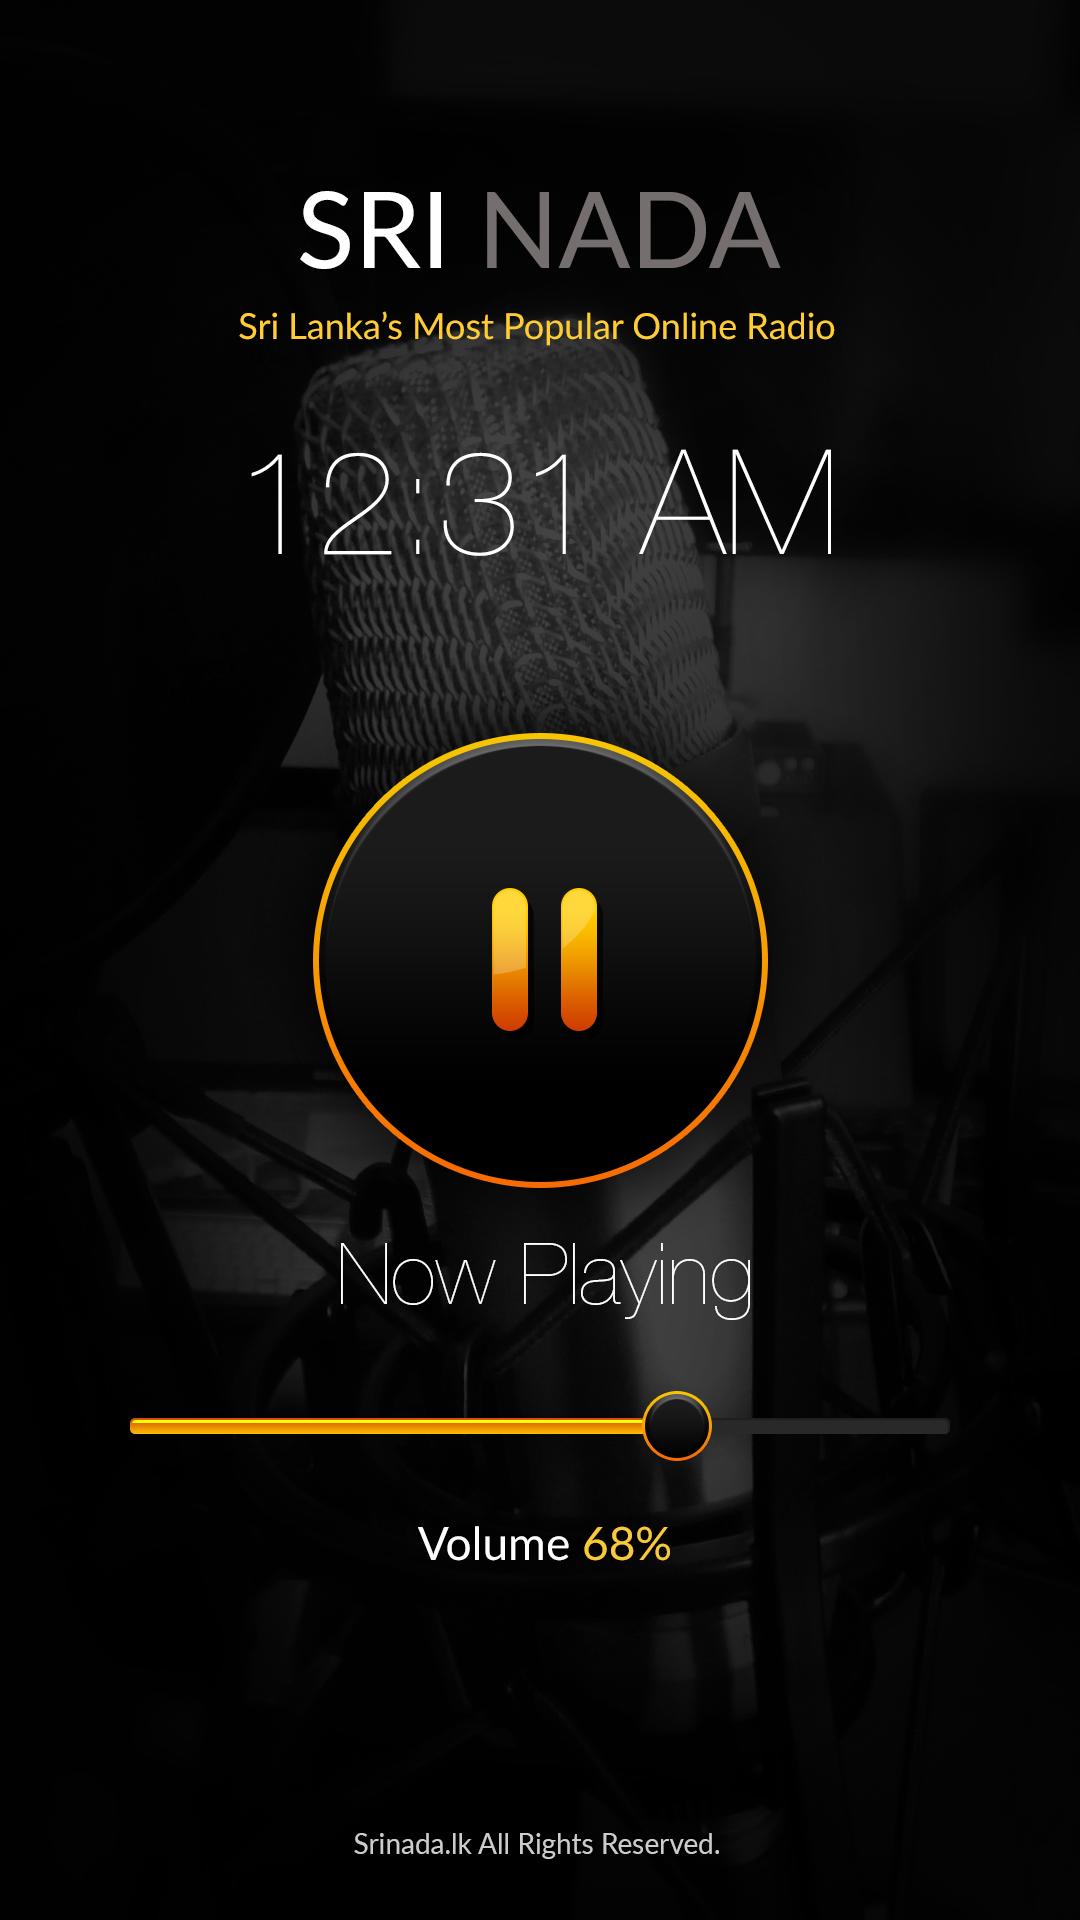 Radio radio app app design radio ui music app Mobile app Android App